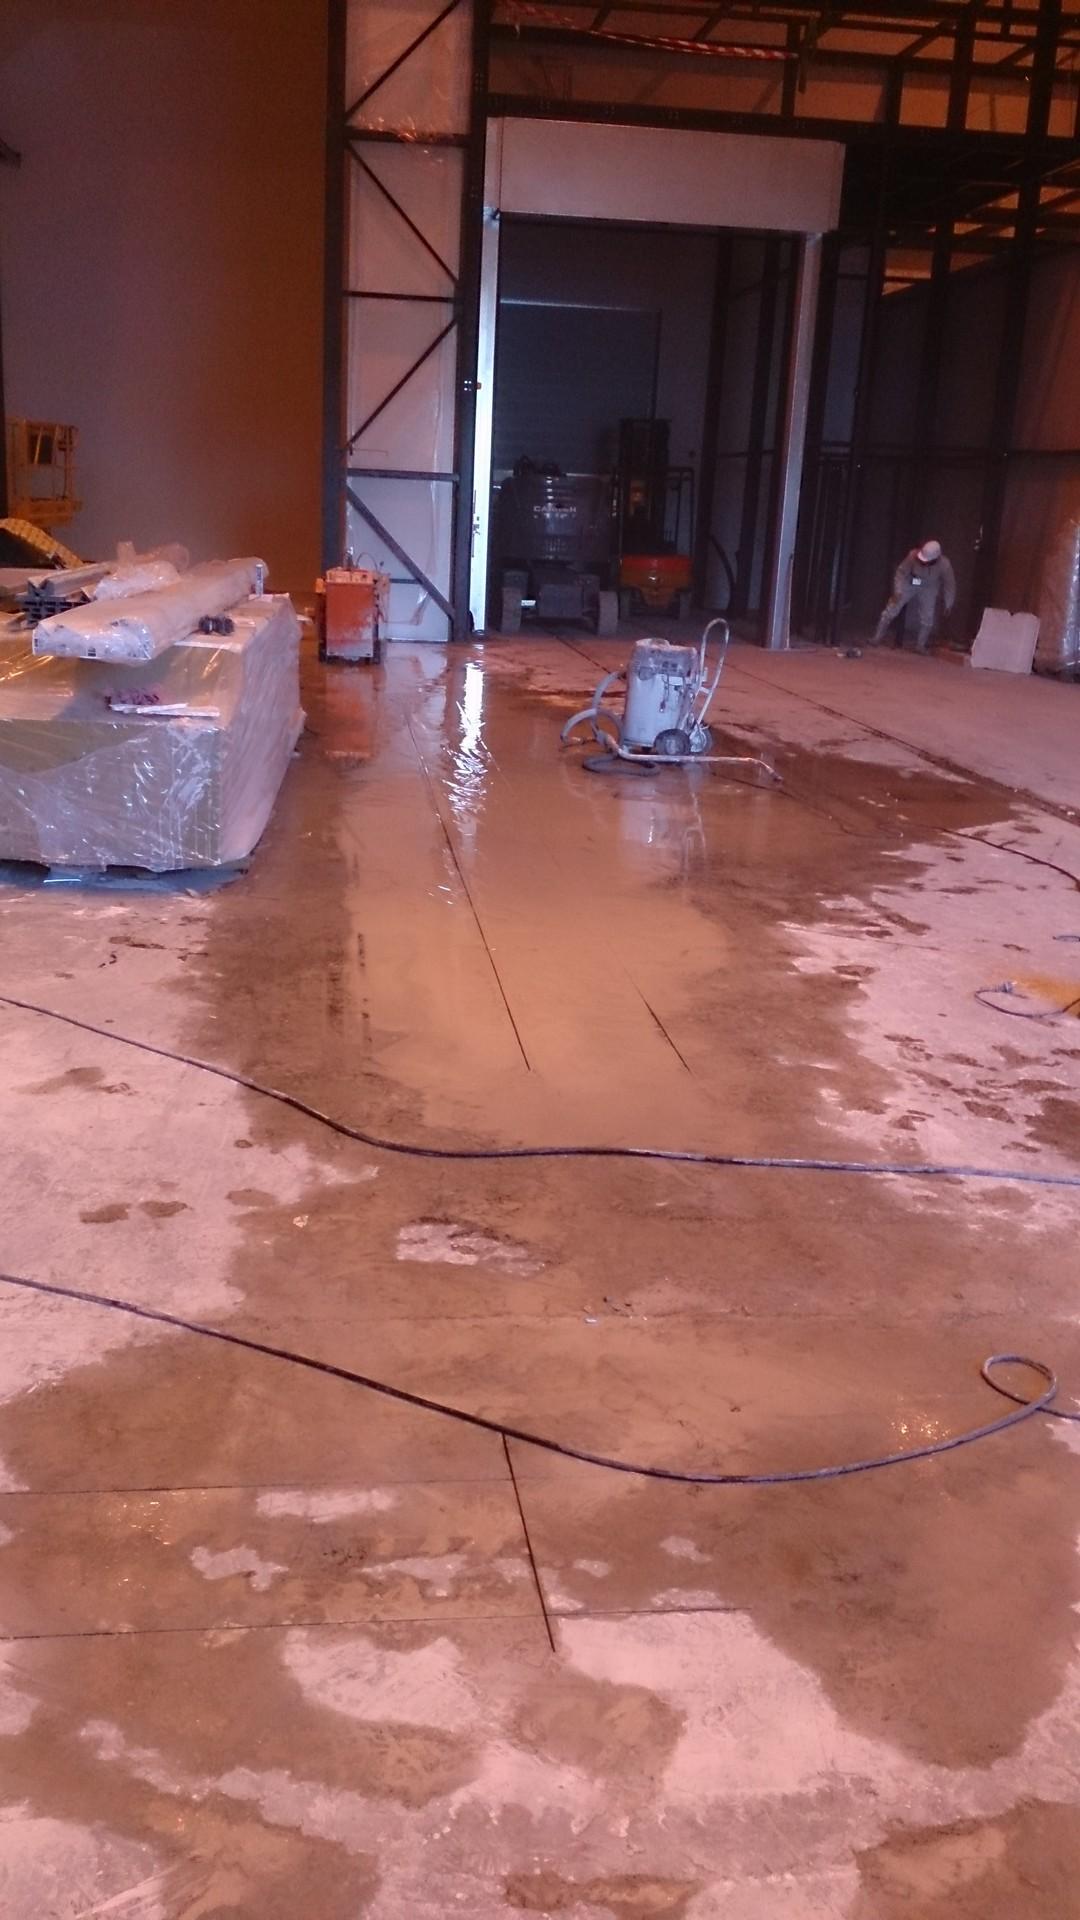 Ouverture et fermeture de voile béton et protection cablage et flexibleOuverture et fermeture de voile béton et protection cablage et flexible007